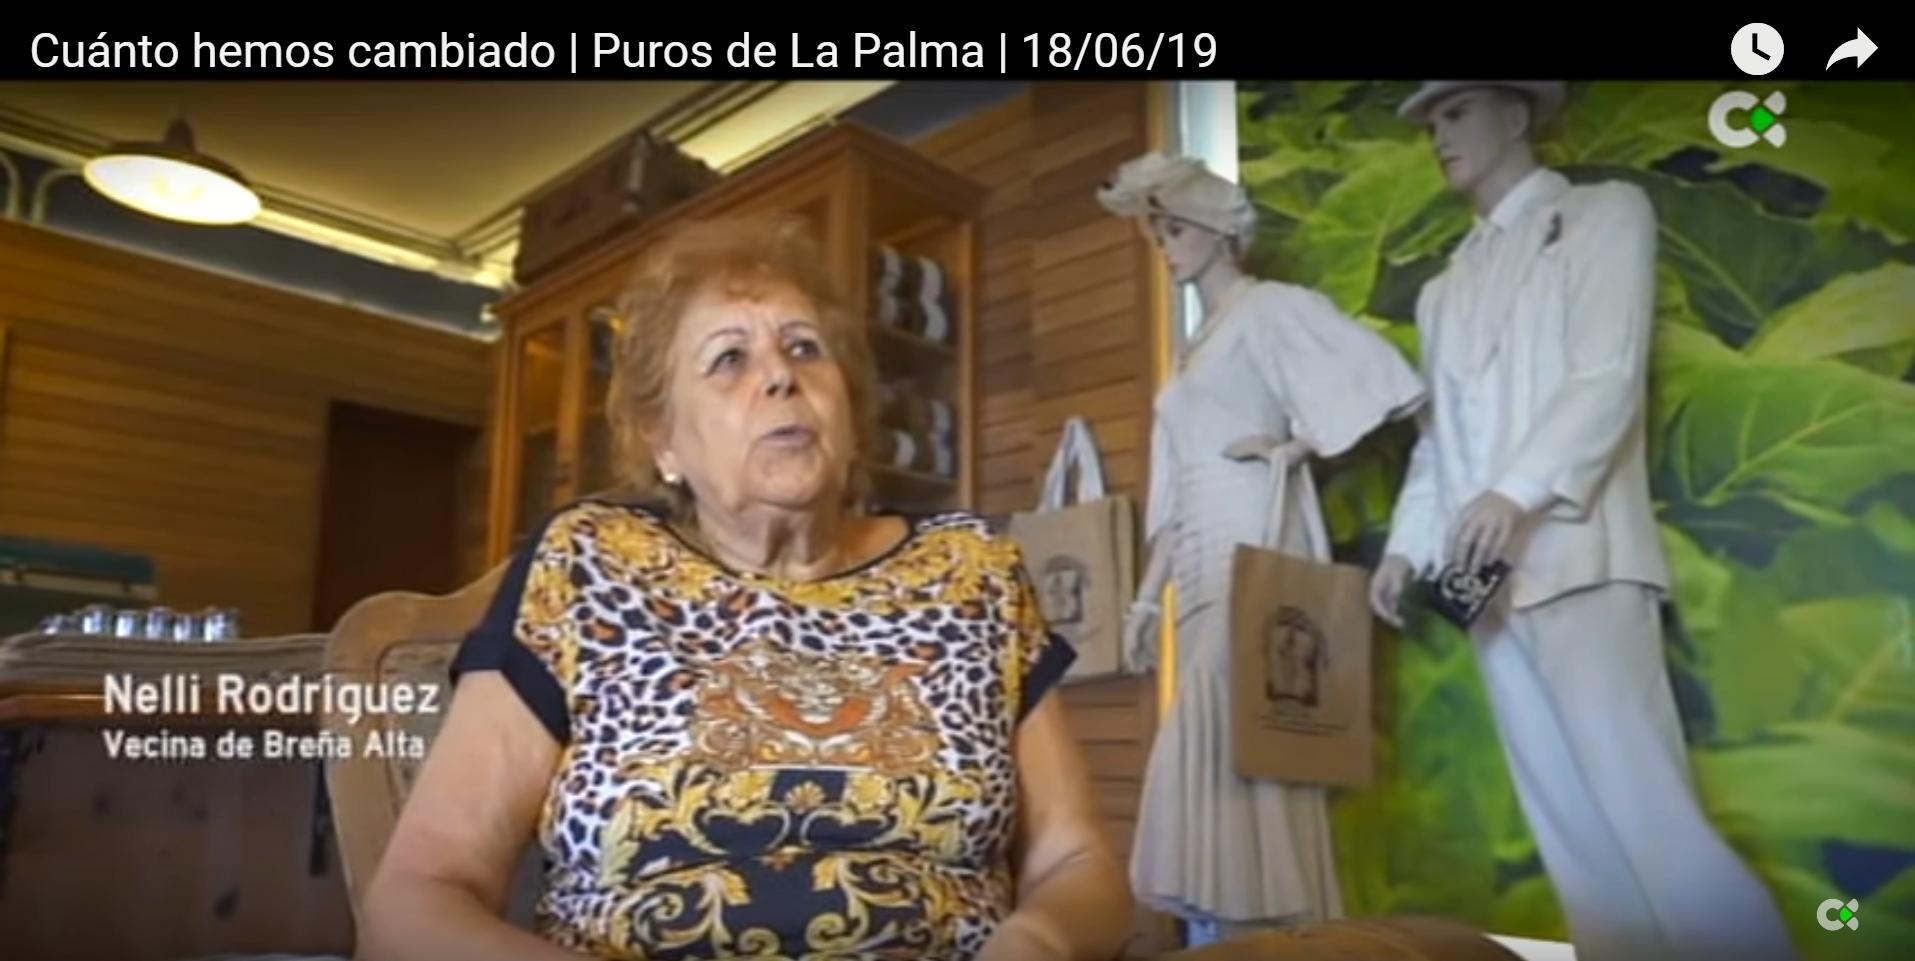 Cuánto hemos cambiado | Puros de La Palma | 18/06/19